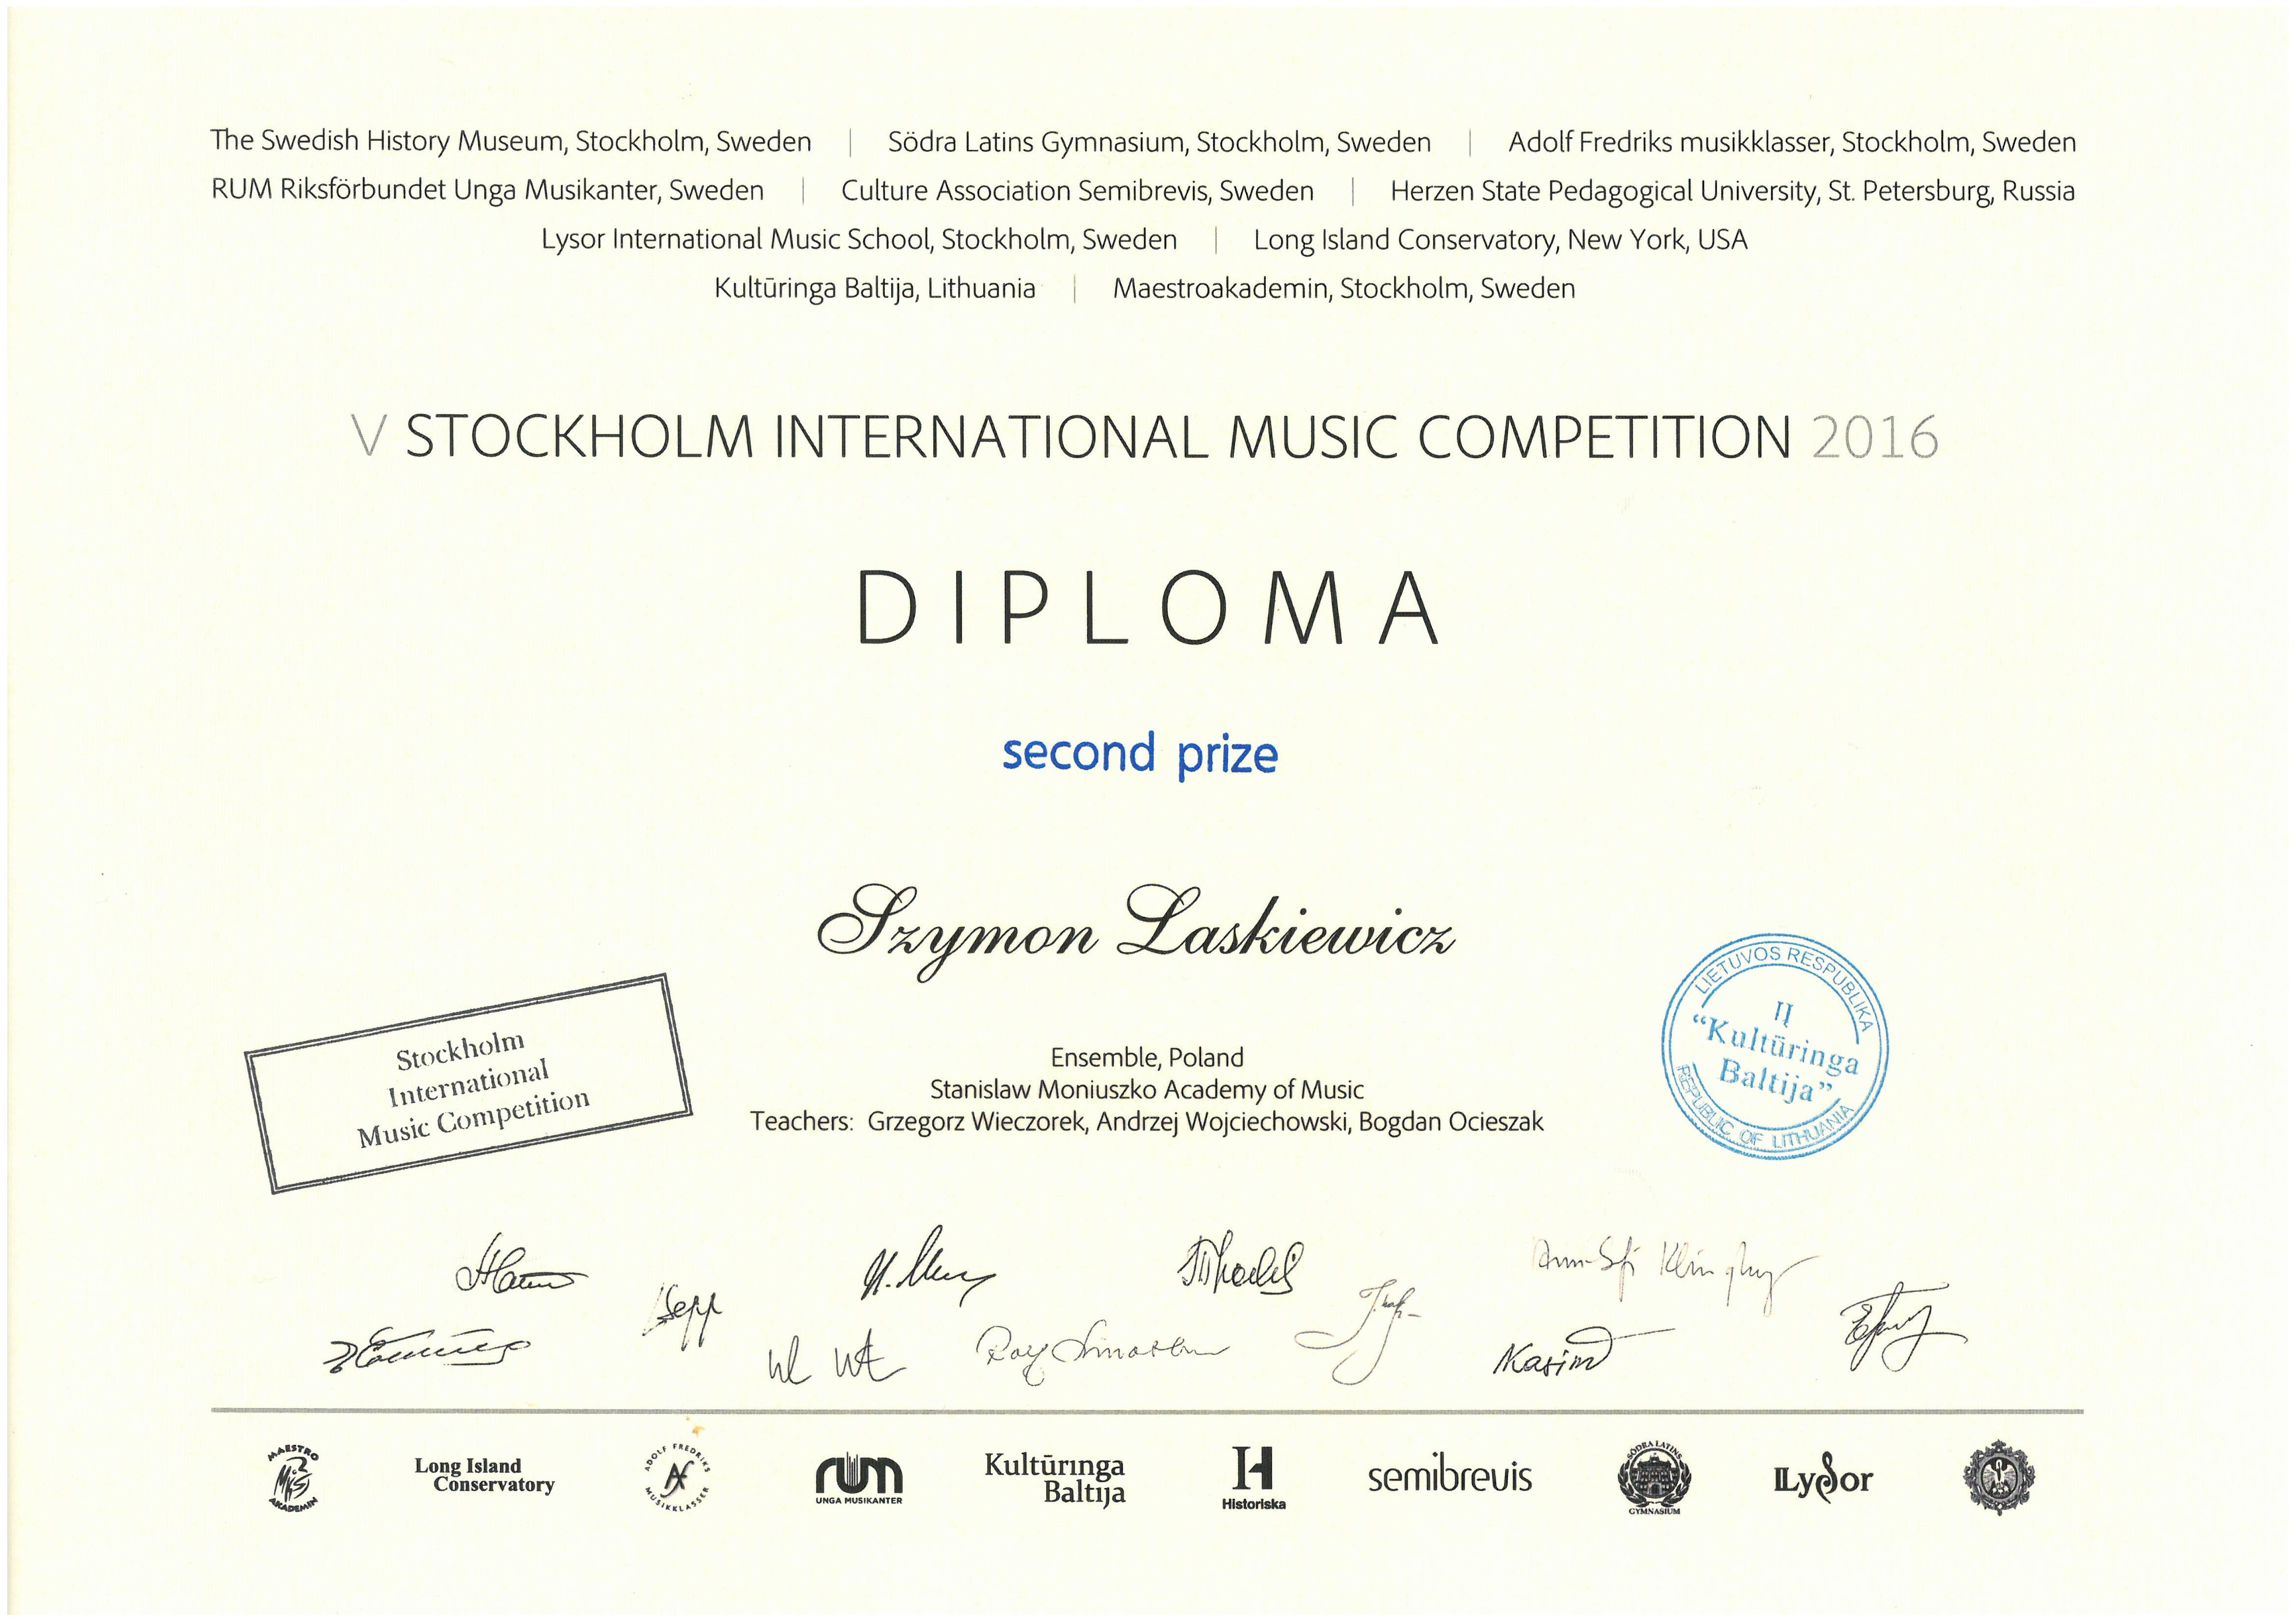 kwintet_klarnetowy_2nagroda_Sztokholm_2016 (5)